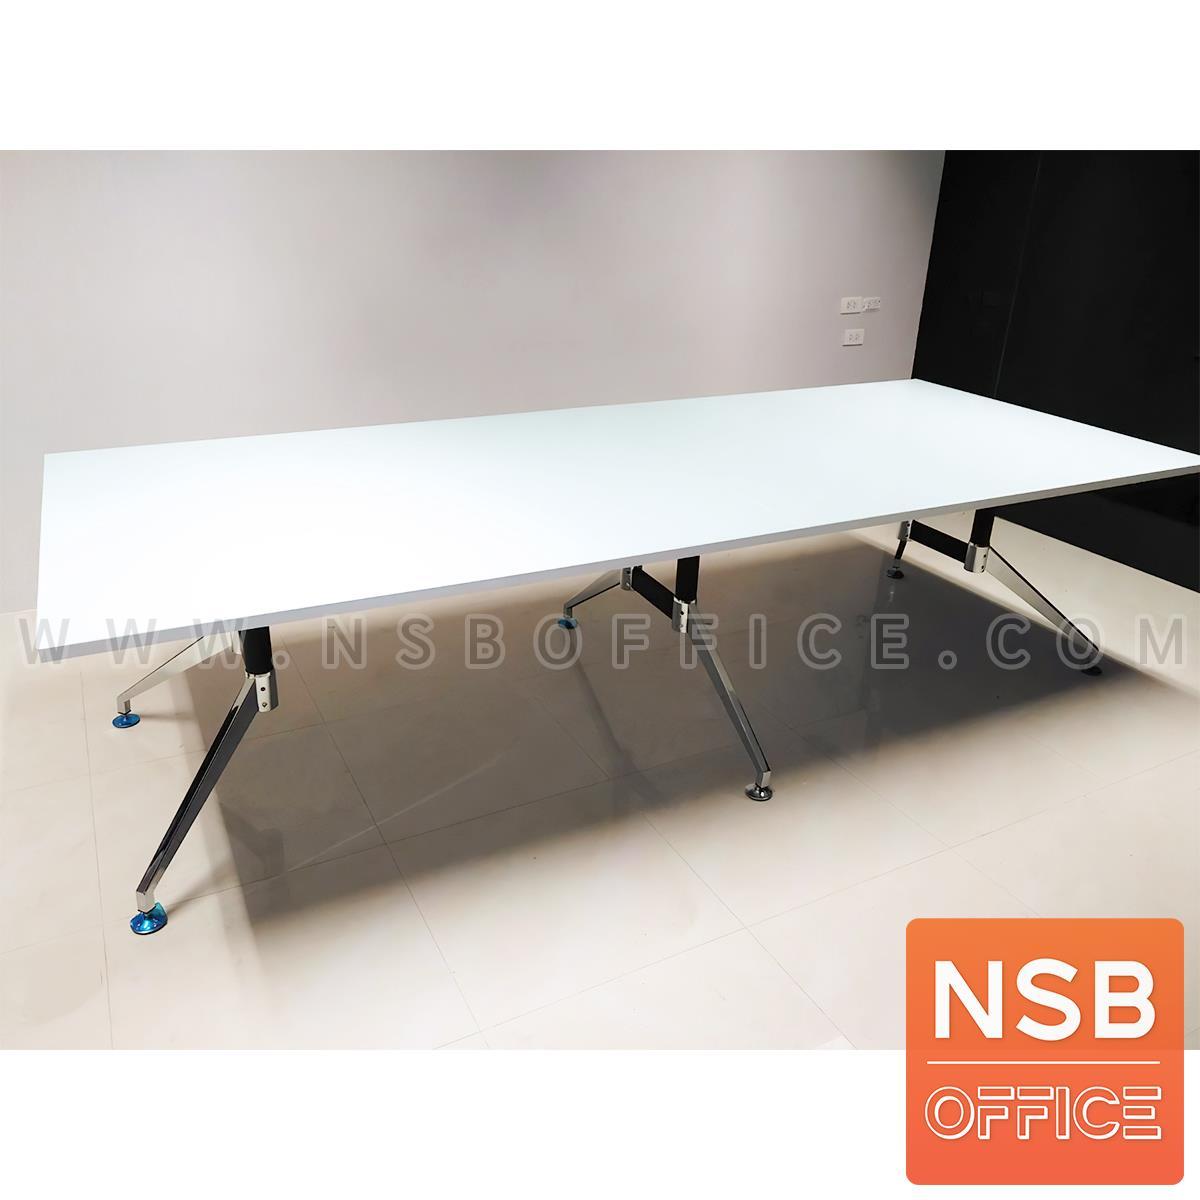 โต๊ะประชุมทรงสี่เหลี่ยม  รุ่น Finch (ฟินช์) ขนาด 360W ,480W cm.  ขาเหล็กปลายแฉกทรงคางหมู